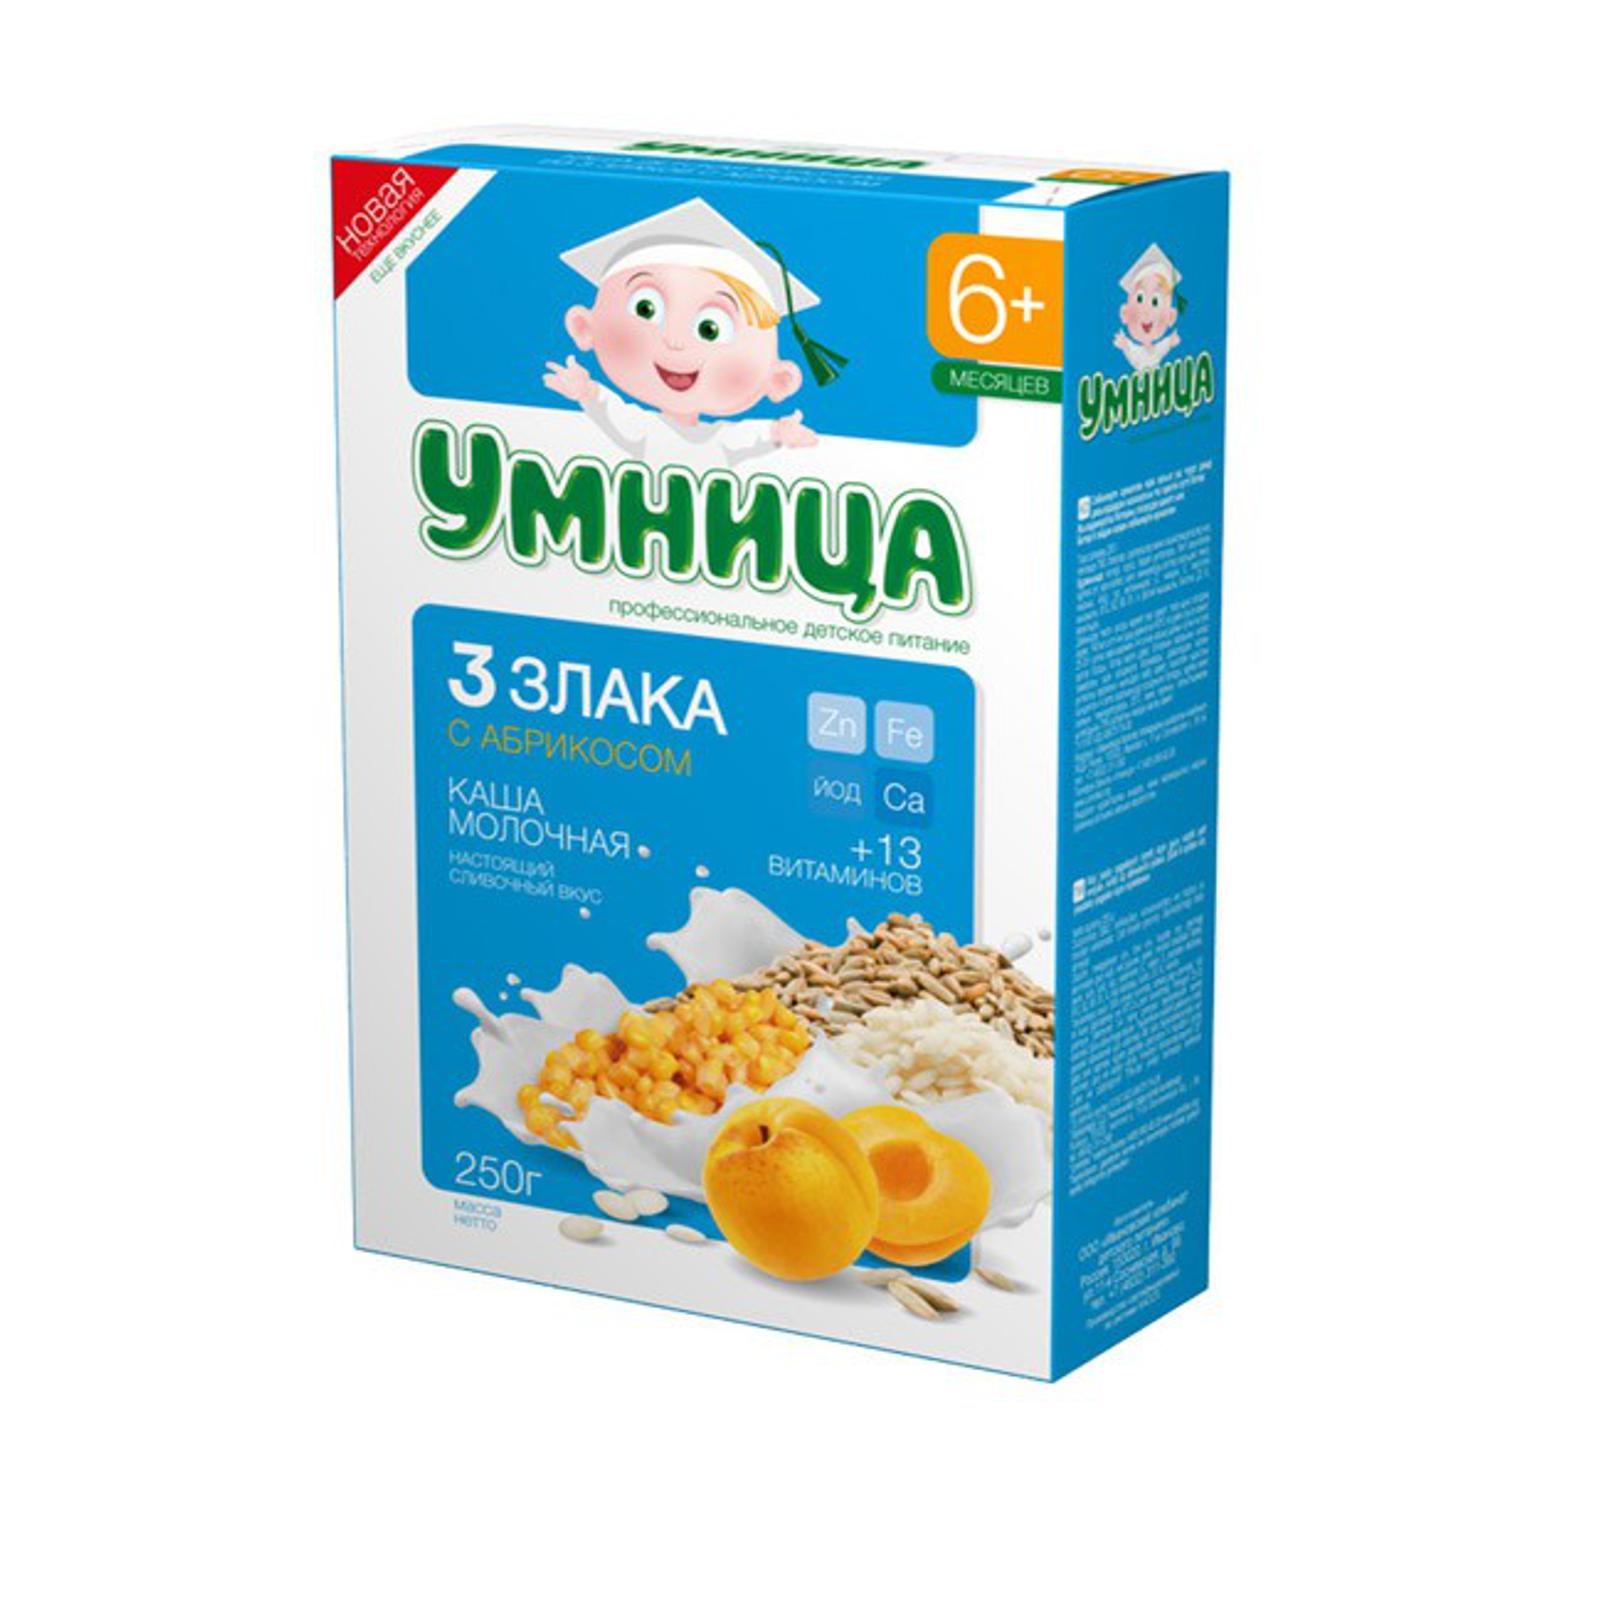 Каша Сами с усами молочная 200 гр 3 злака с абрикосом (с 6 мес)<br>